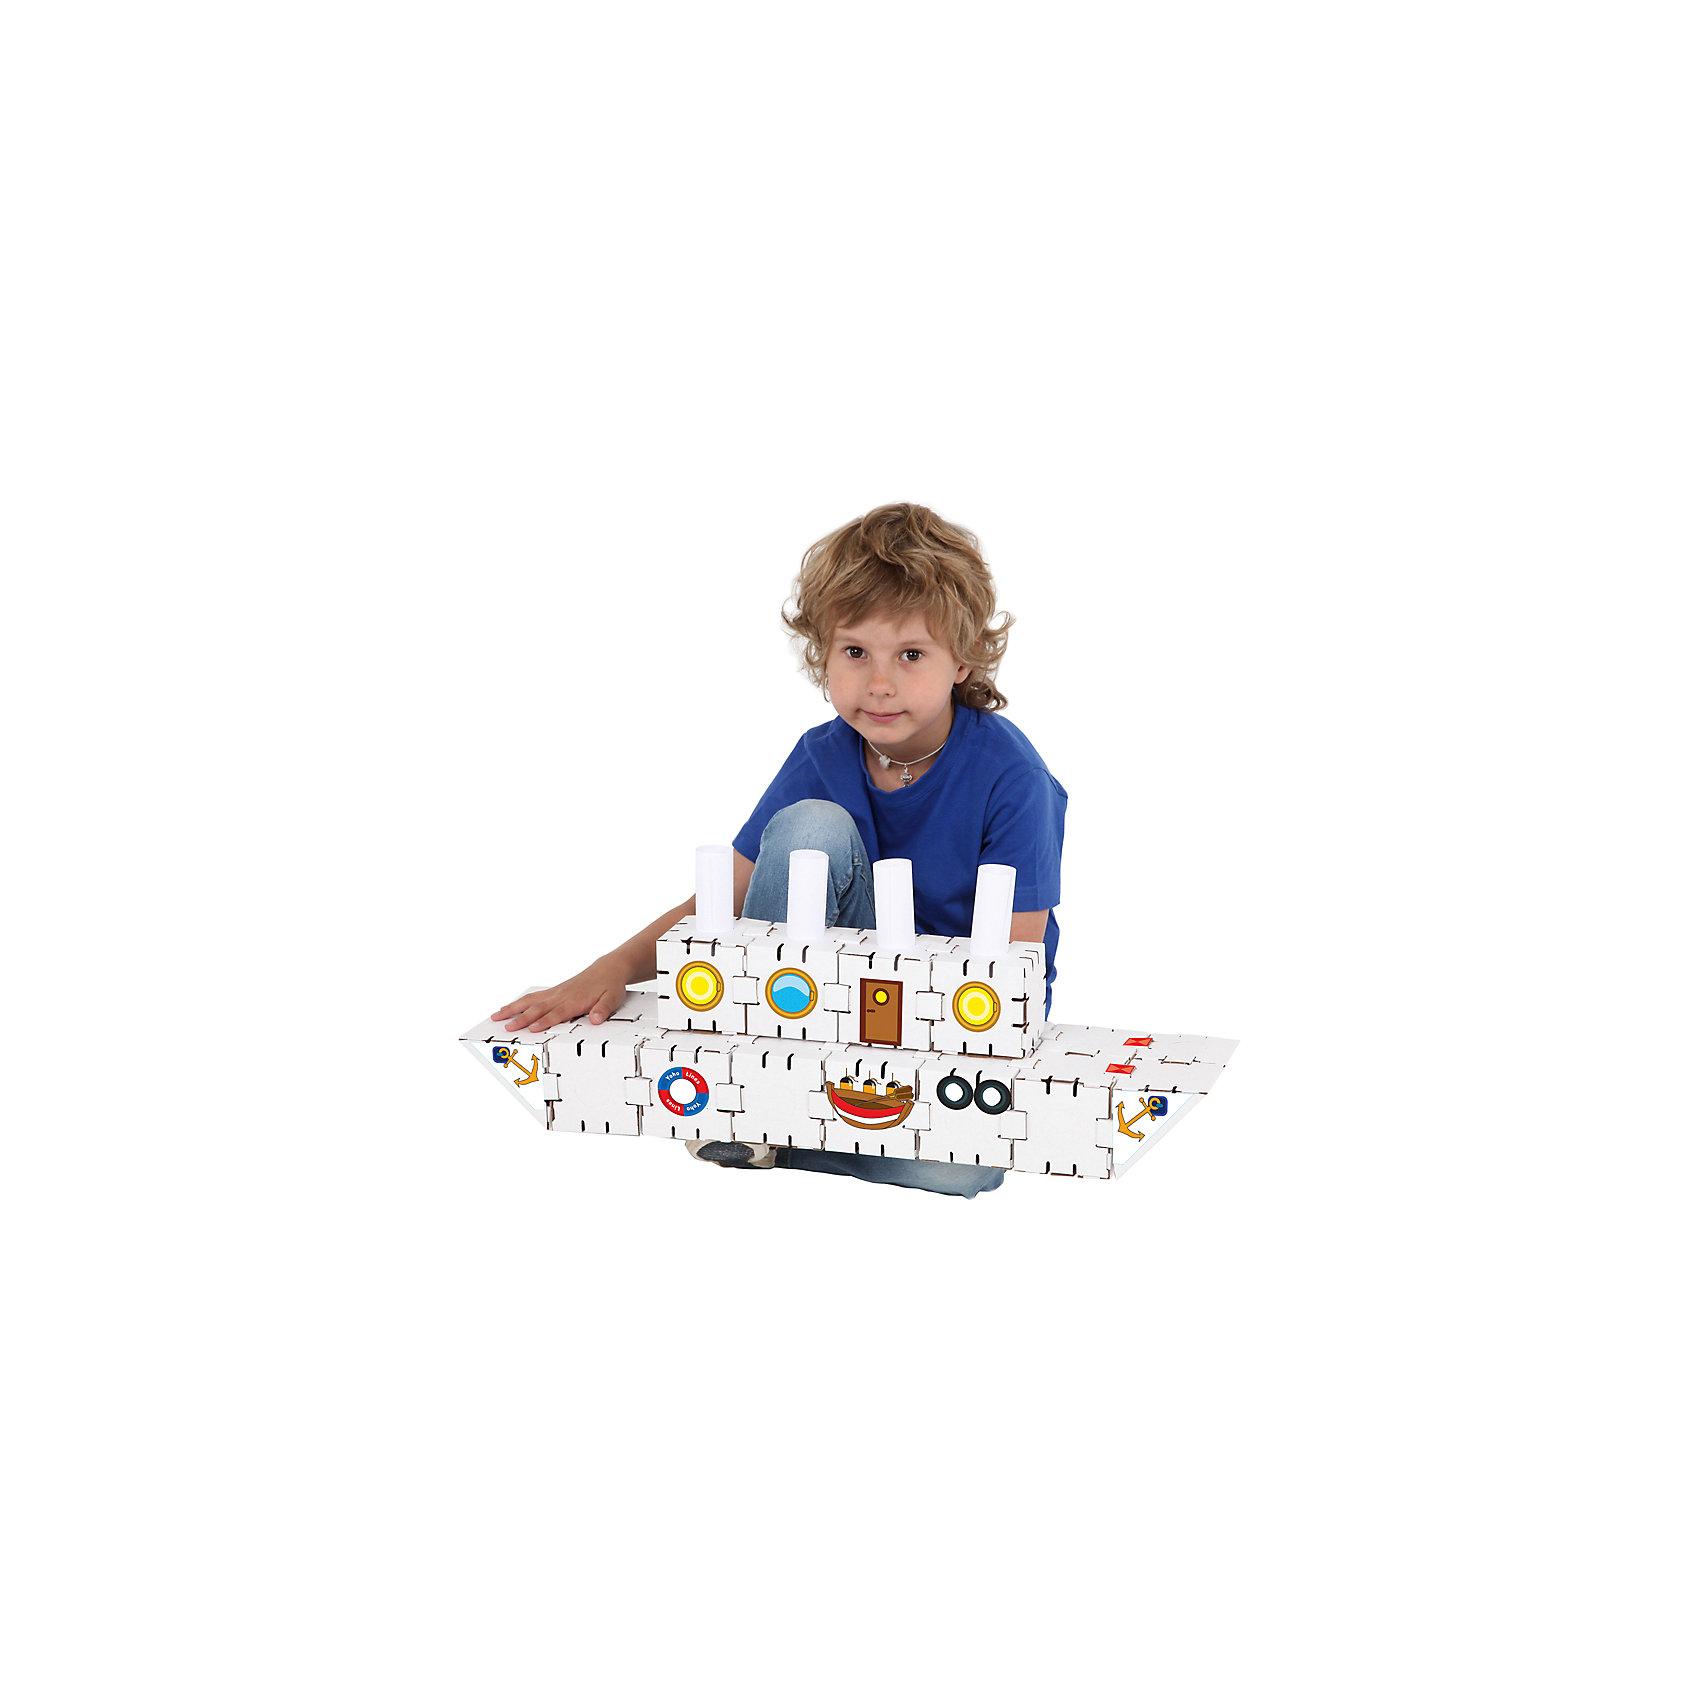 Картонный конструктор Титаник, YohocubeБренды конструкторов<br>Картонный конструктор Титаник, Yohocube (Йохокуб). <br><br>Характеристика:<br><br>• Материал: усиленный картон (1,5 мм). <br>• Размер упаковки: 37х31х5,5 см. <br>• Размер одного кубика: 8 см. <br>• 20 деталей. <br>• Оригинальный дизайн. <br>• Развивает моторику рук, внимание, пространственное мышление и воображение. <br><br>С помощью этого оригинального конструктора ребенок сможет собрать роскошный корабль. Размер кубиков идеально подходит для детских рук. Простые и удобные крепления позволят ребенку собирать конструктор без помощи взрослых. Все детали изготовлены из высококачественного прочного картона с применением нетоксичных безопасных красителей. Игры с конструктором полезное и очень увлекательное занятие, развивающее внимание, мелкую моторику, пространственное мышление и воображение. <br><br>Картонный конструктор Титаник, Yohocube (Йохокуб), можно купить в нашем интернет-магазине.<br><br>Ширина мм: 370<br>Глубина мм: 310<br>Высота мм: 55<br>Вес г: 620<br>Возраст от месяцев: 72<br>Возраст до месяцев: 144<br>Пол: Унисекс<br>Возраст: Детский<br>SKU: 5154035